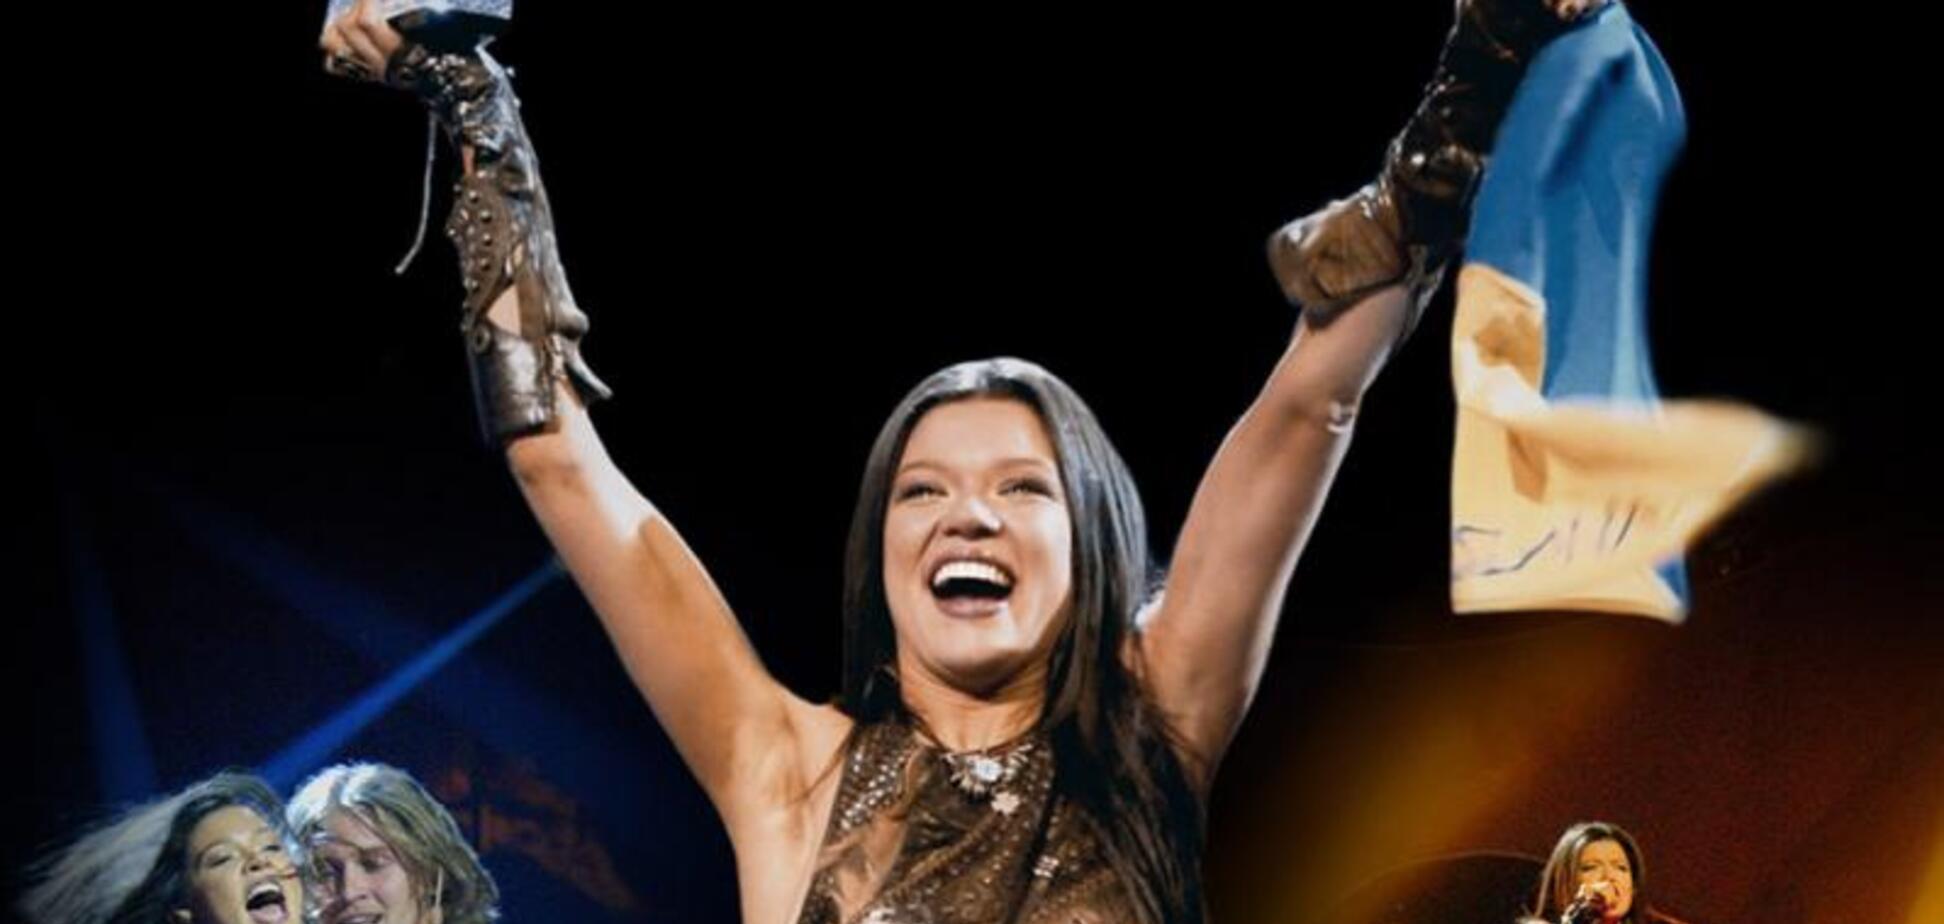 Триумф Украины на Евровидении 2004: как Руслана и ее 'Дикі танці' покорили мир